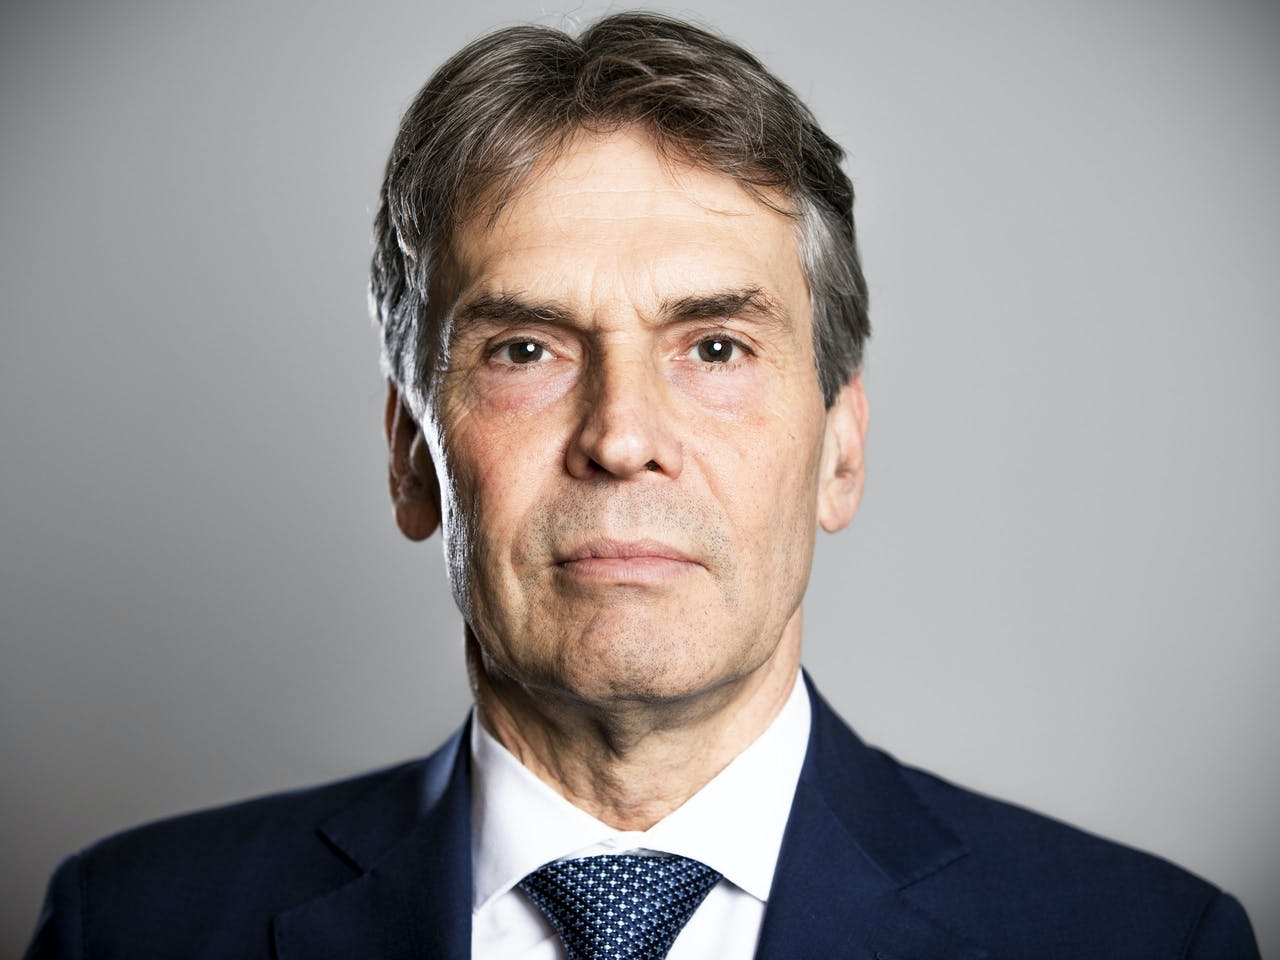 2018-11-20 17:10:25 ZOETERMEER - Dick Schoof het nieuwe hoofd van de AIVD. ANP FREEK VAN DEN BERGH